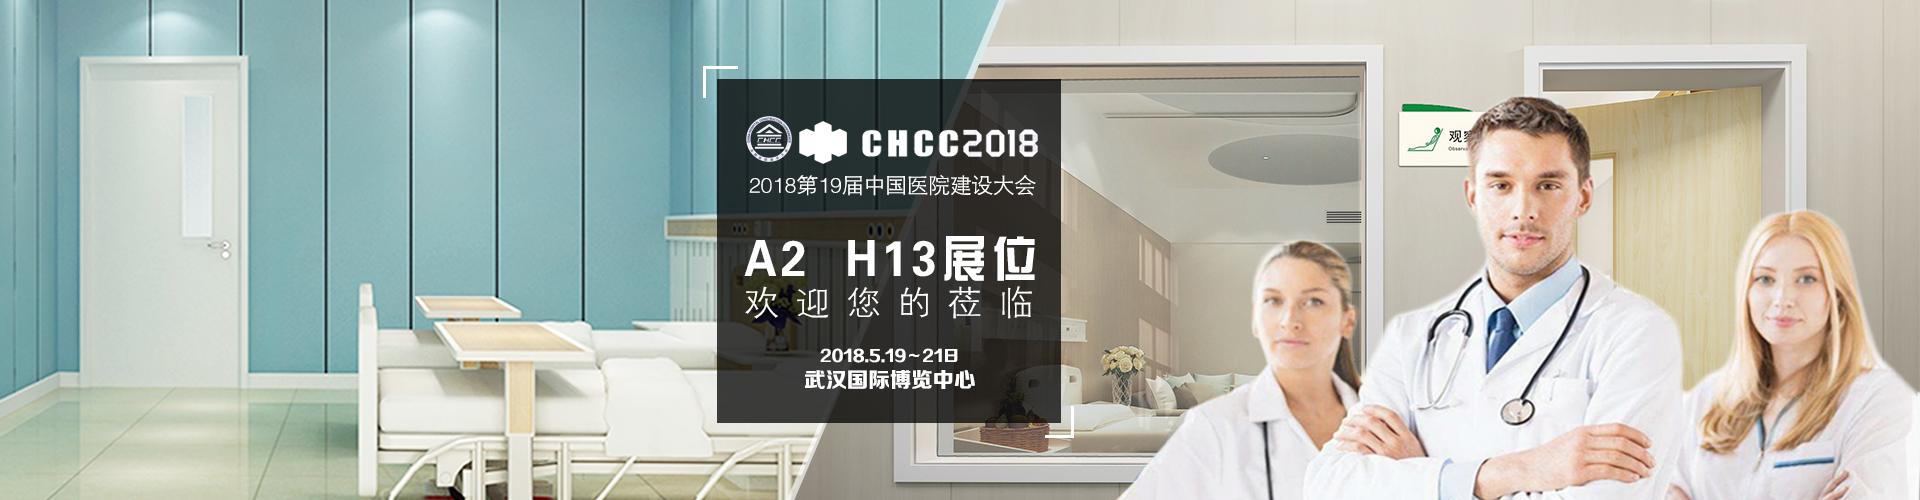 航天康达诚邀参加-2018第19届中国医院建设大会